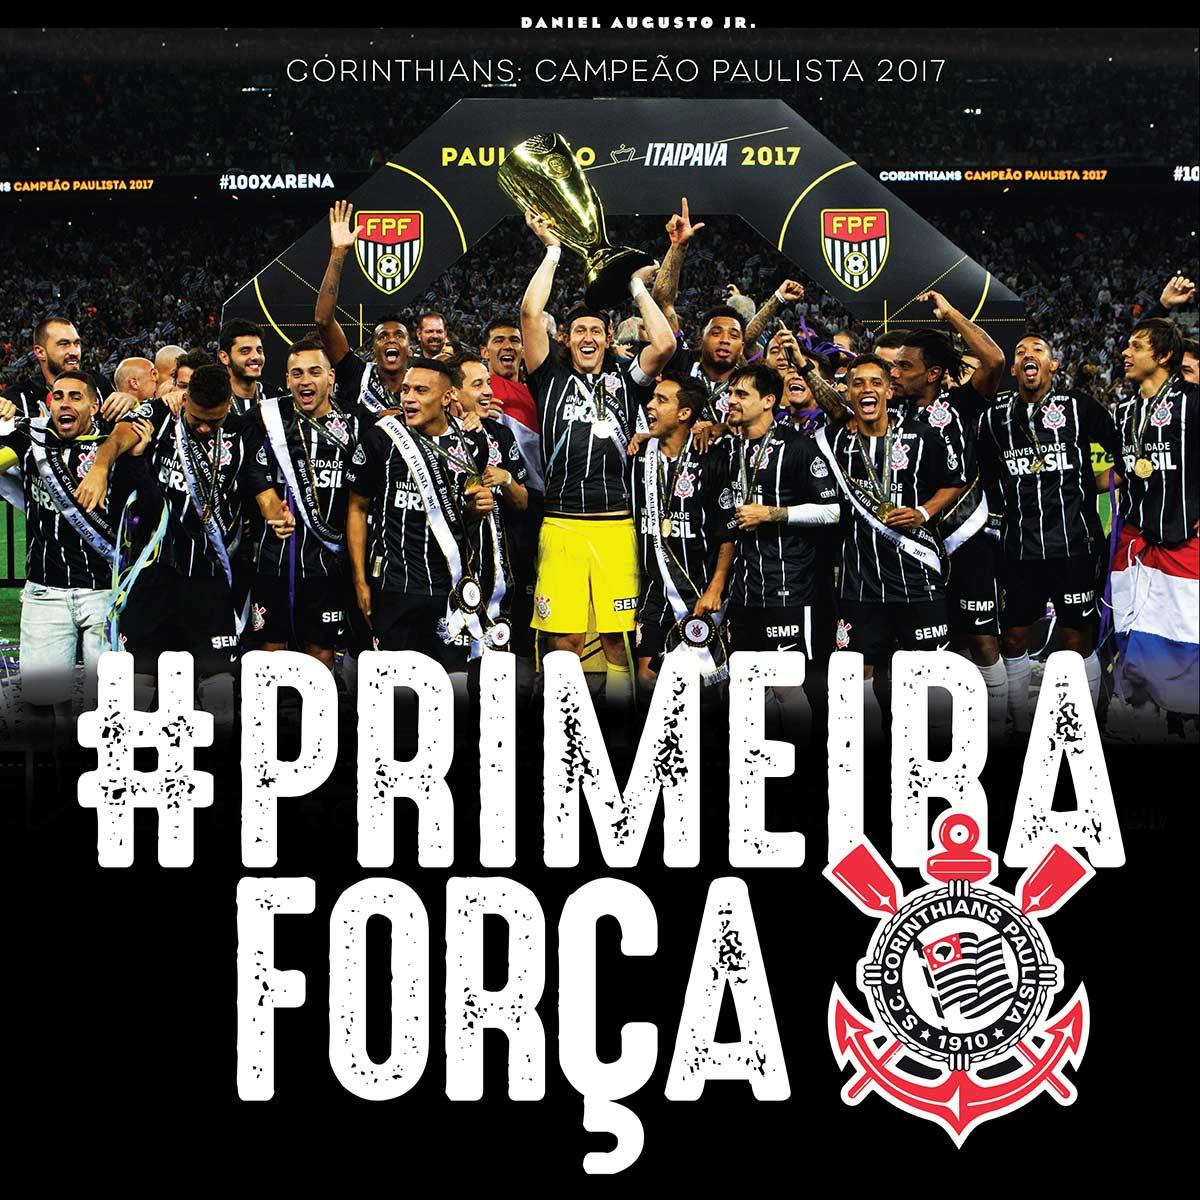 Corinthians #PrimeiraForça